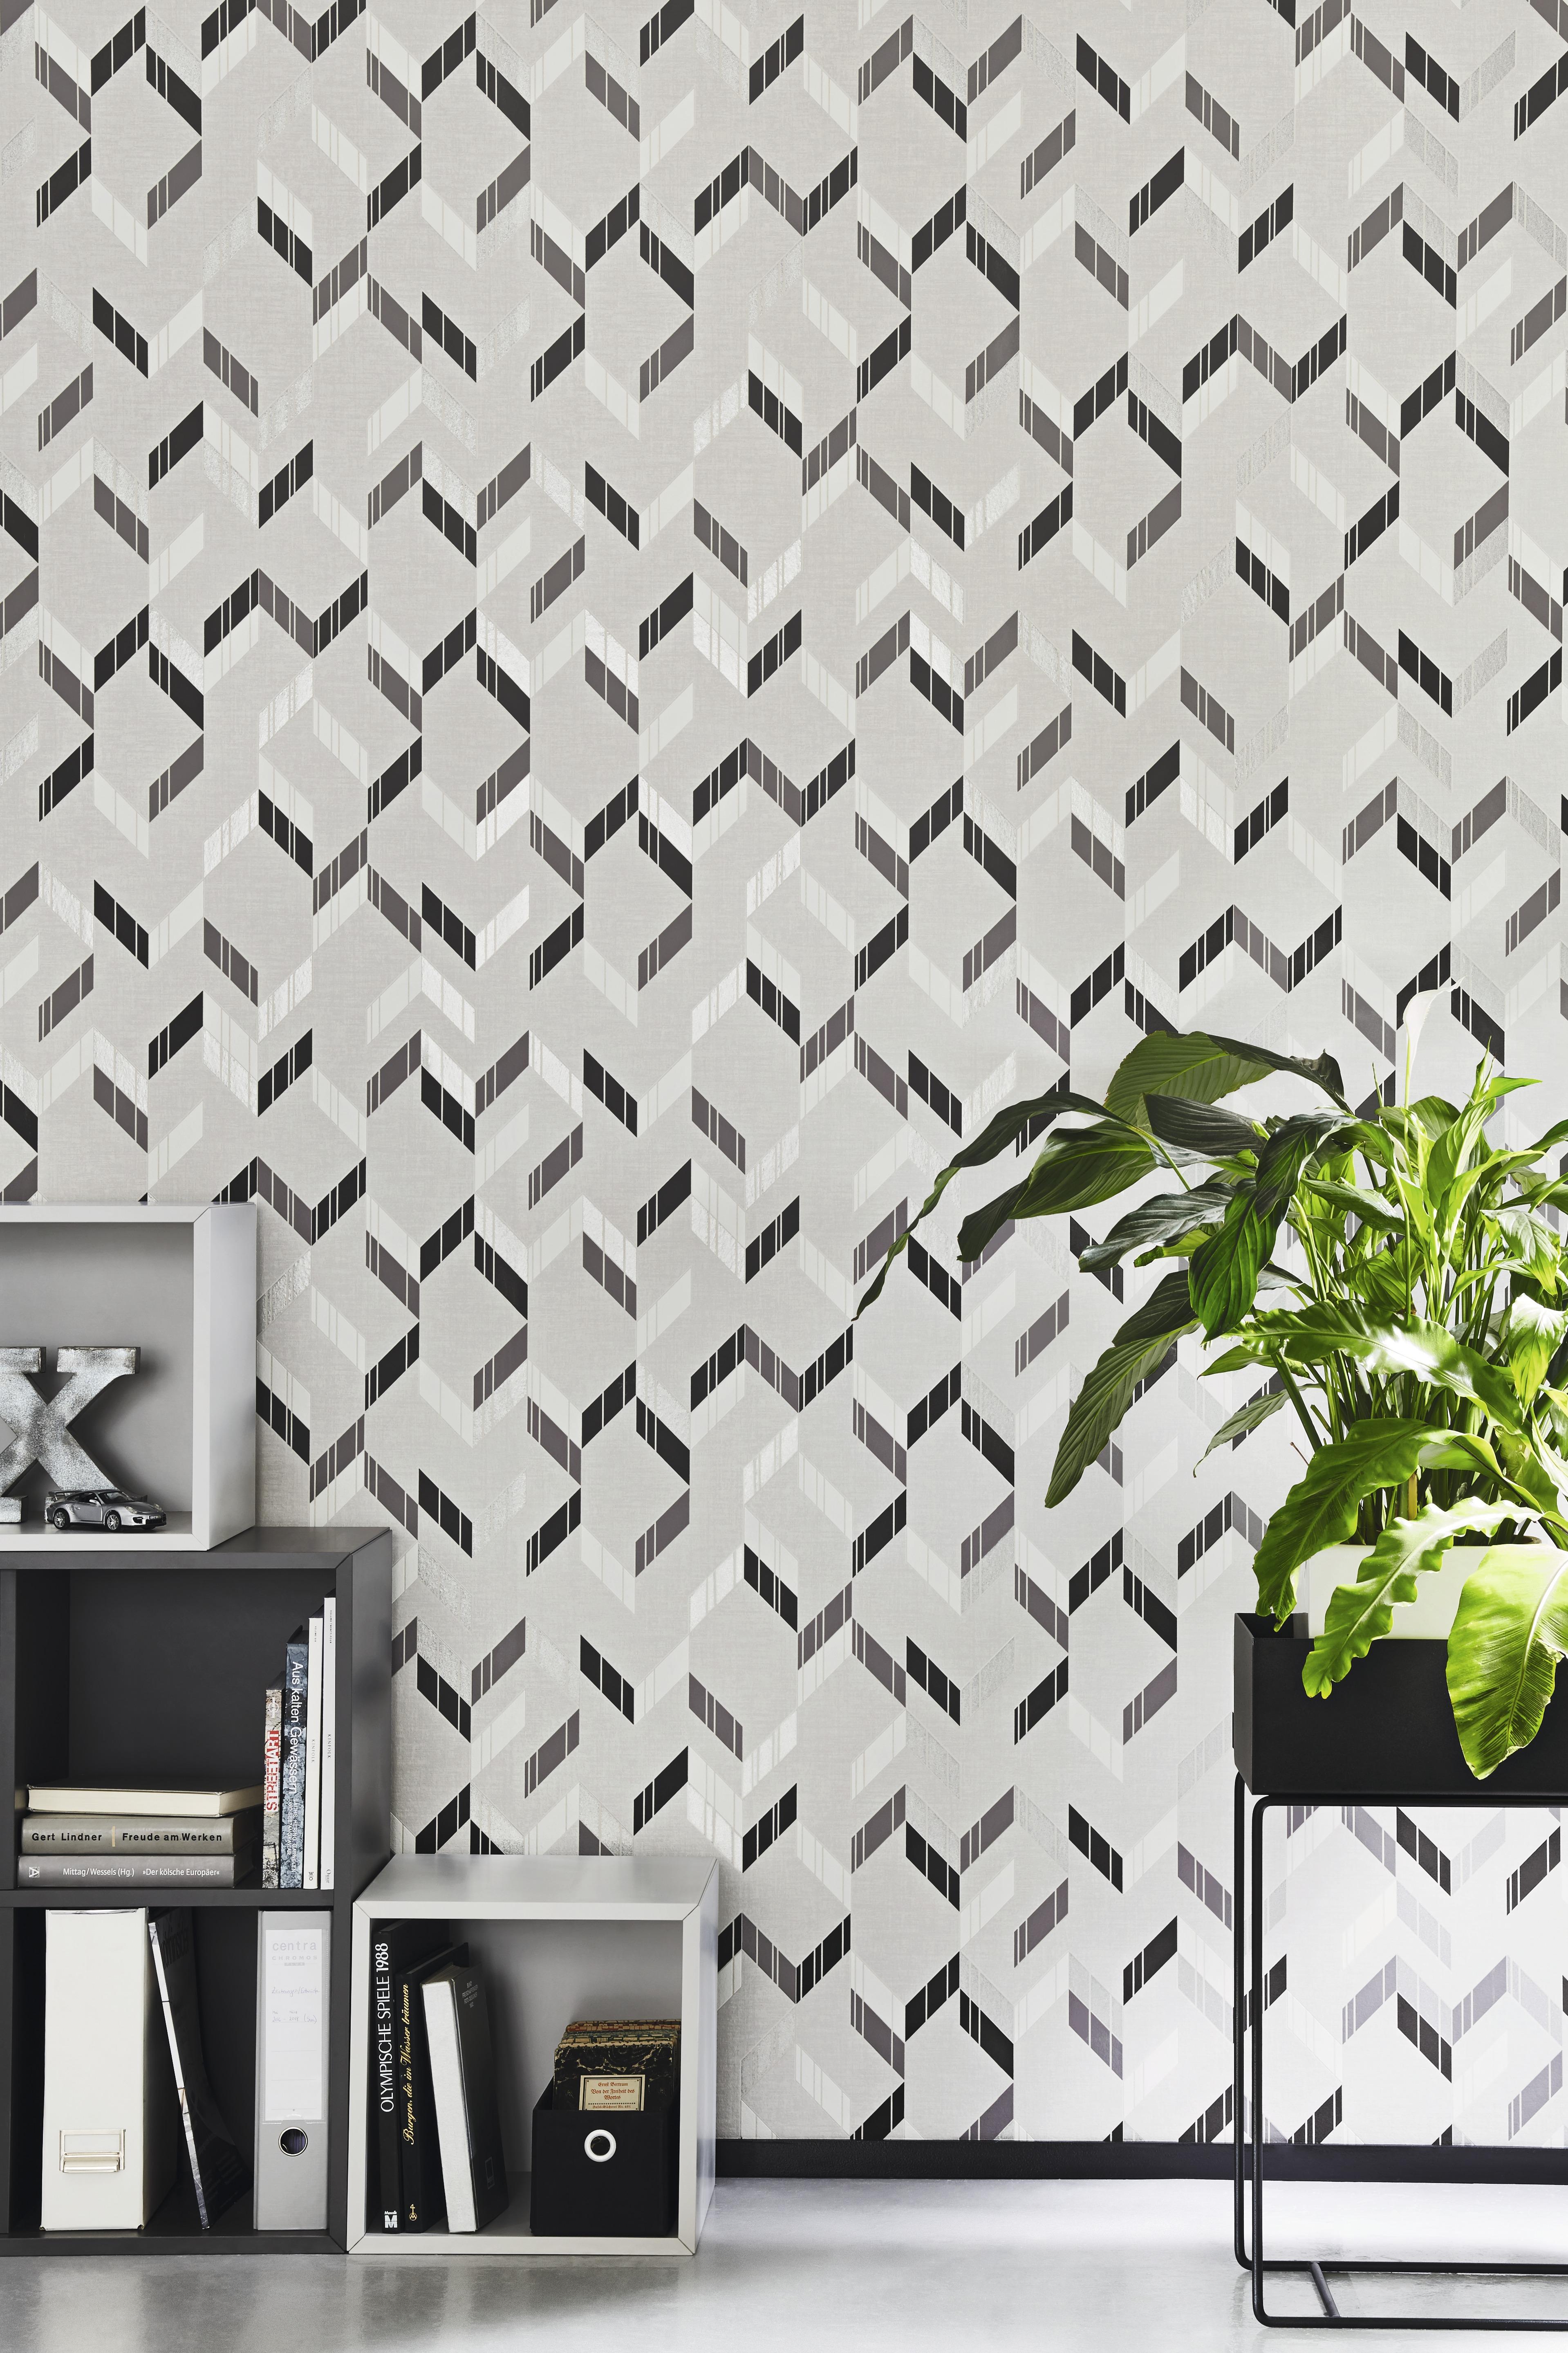 Szürke modern geometriai mintás tapéta ezüst fekete mintákkal